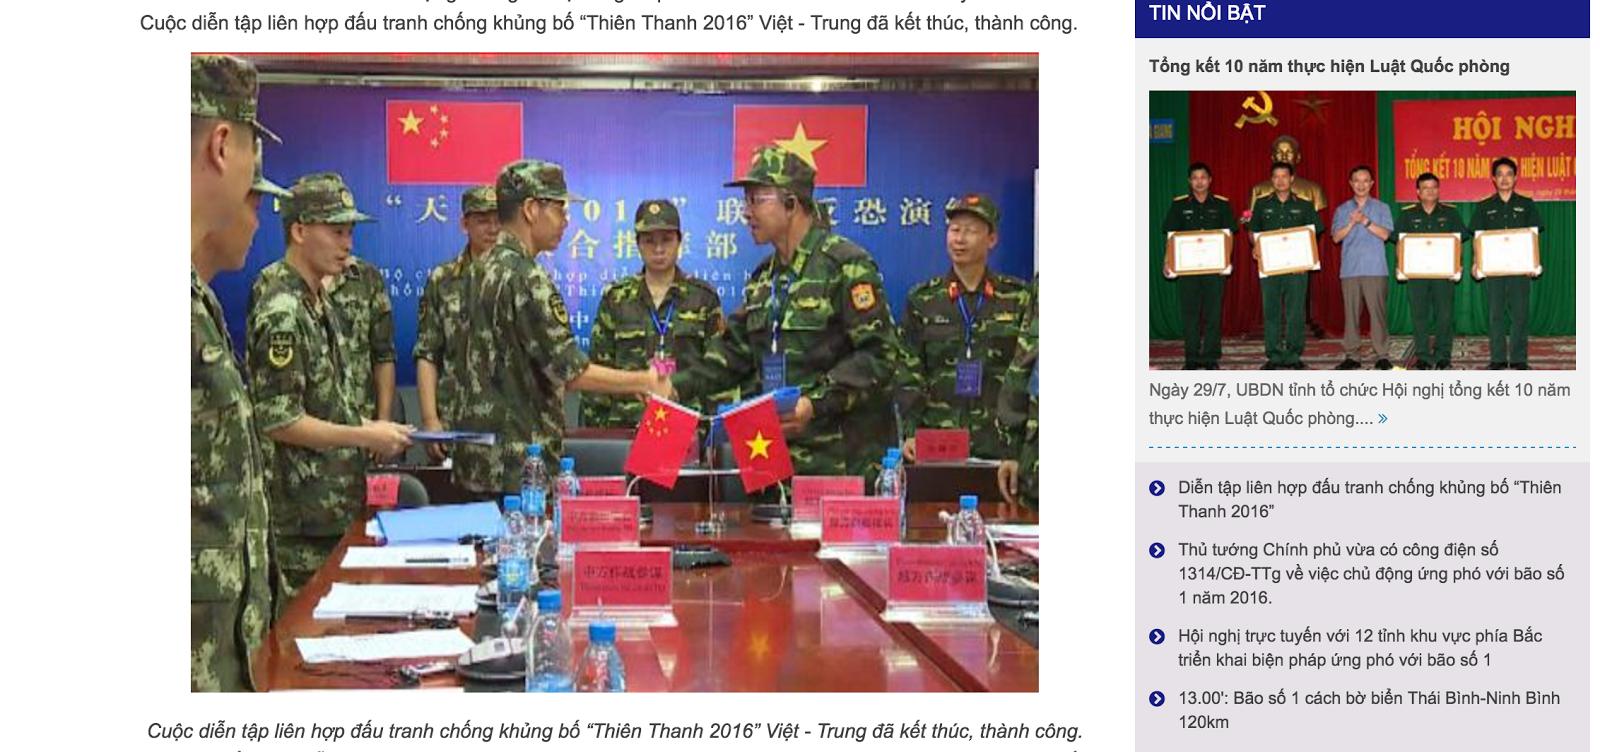 không - Cuộc xâm lược không tiếng súng của Trung Quốc Screen%2BShot%2B2559-07-30%2Bat%2B8.04.10%2BPM